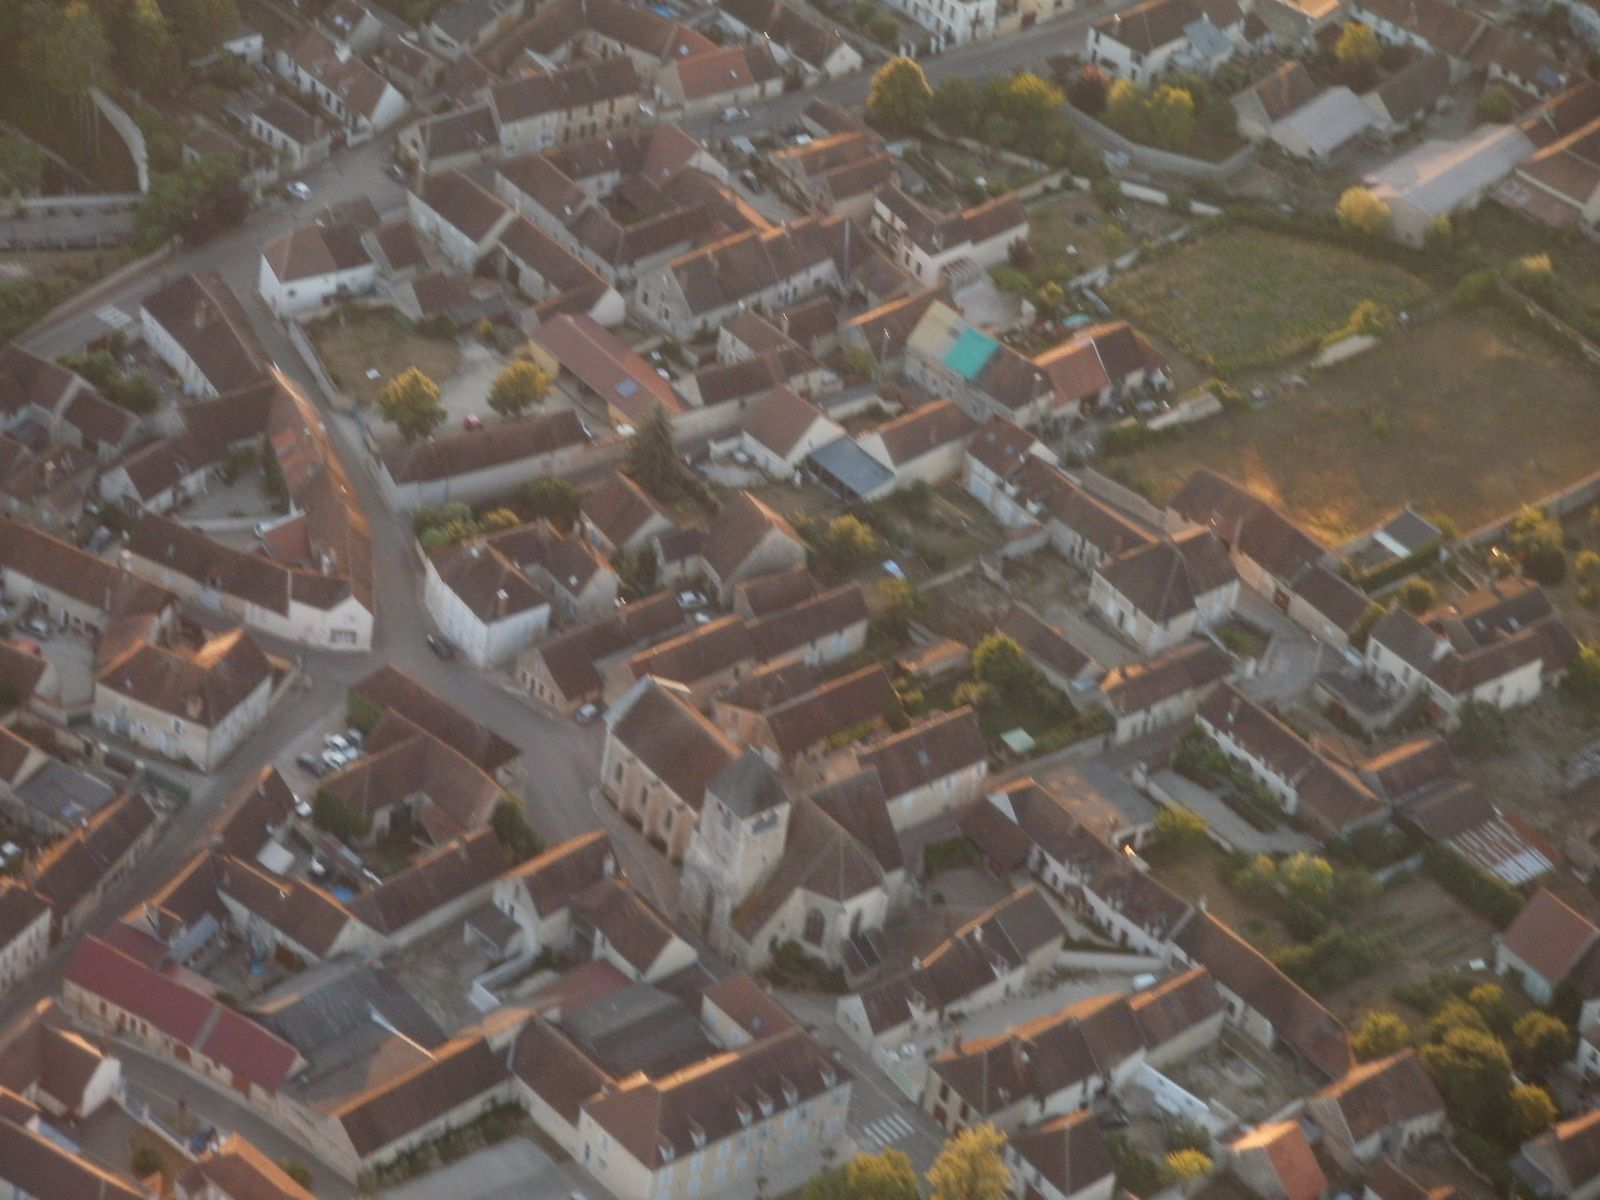 le château de Maligny vu du coté qu'il me manquait depuis mon vol du 18 mai dernier, et son bourg.